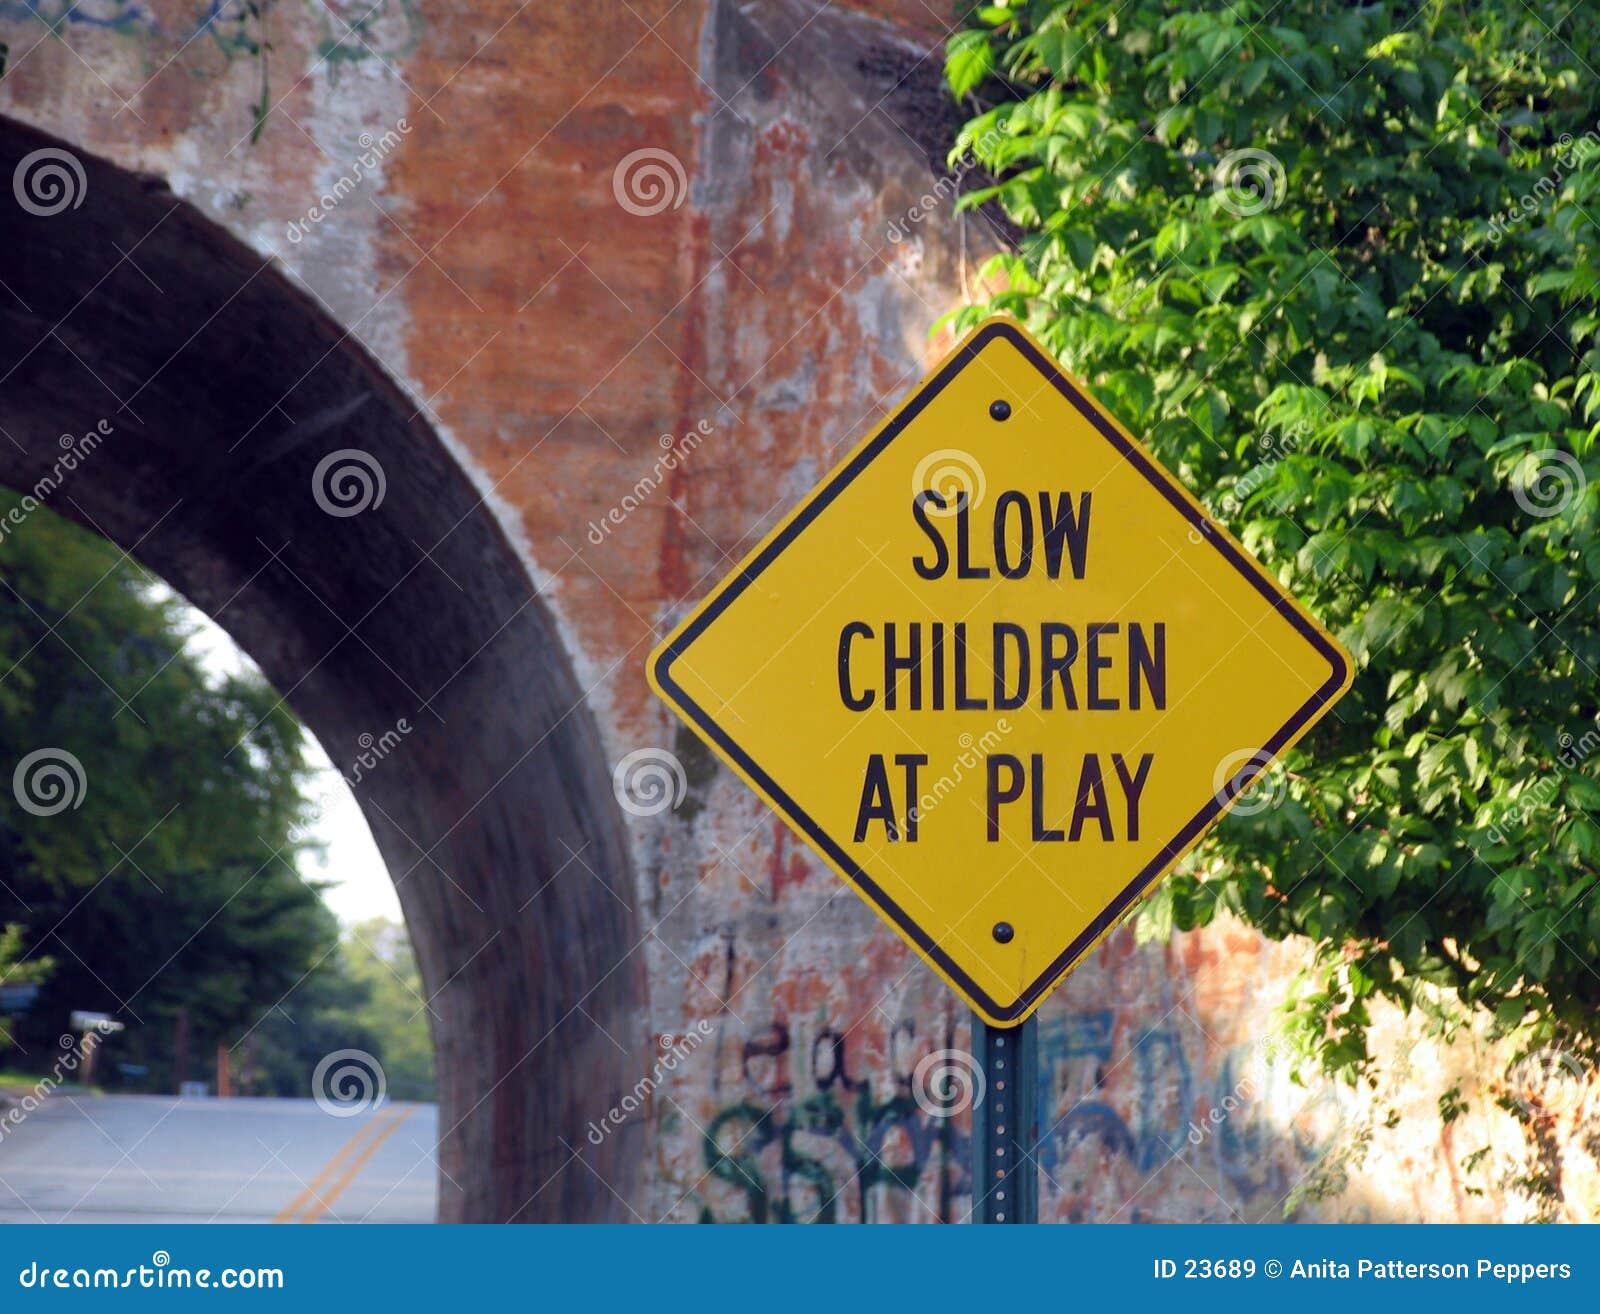 Crianças no sinal do jogo